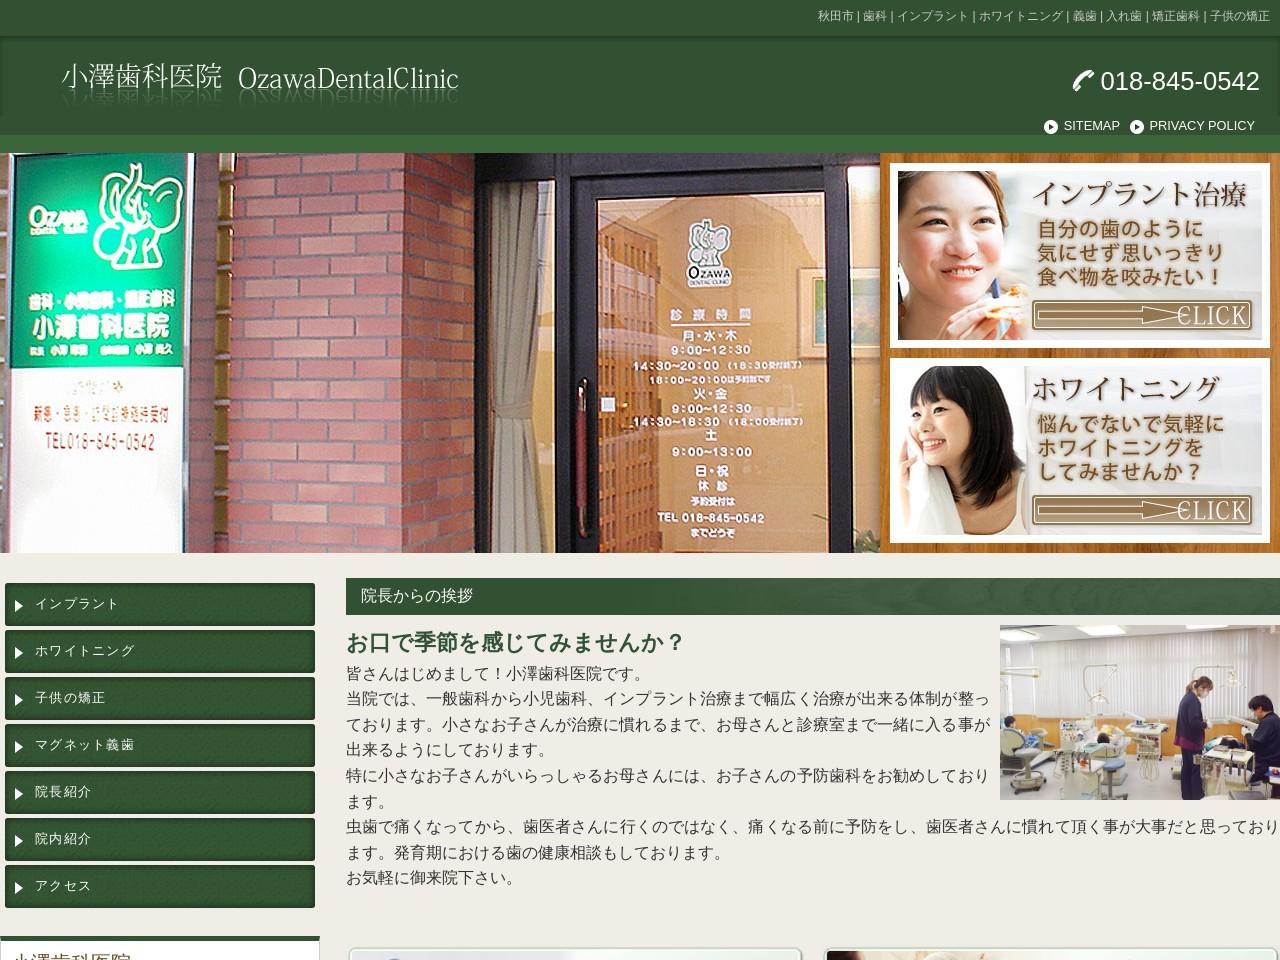 小澤歯科医院 (秋田県秋田市)